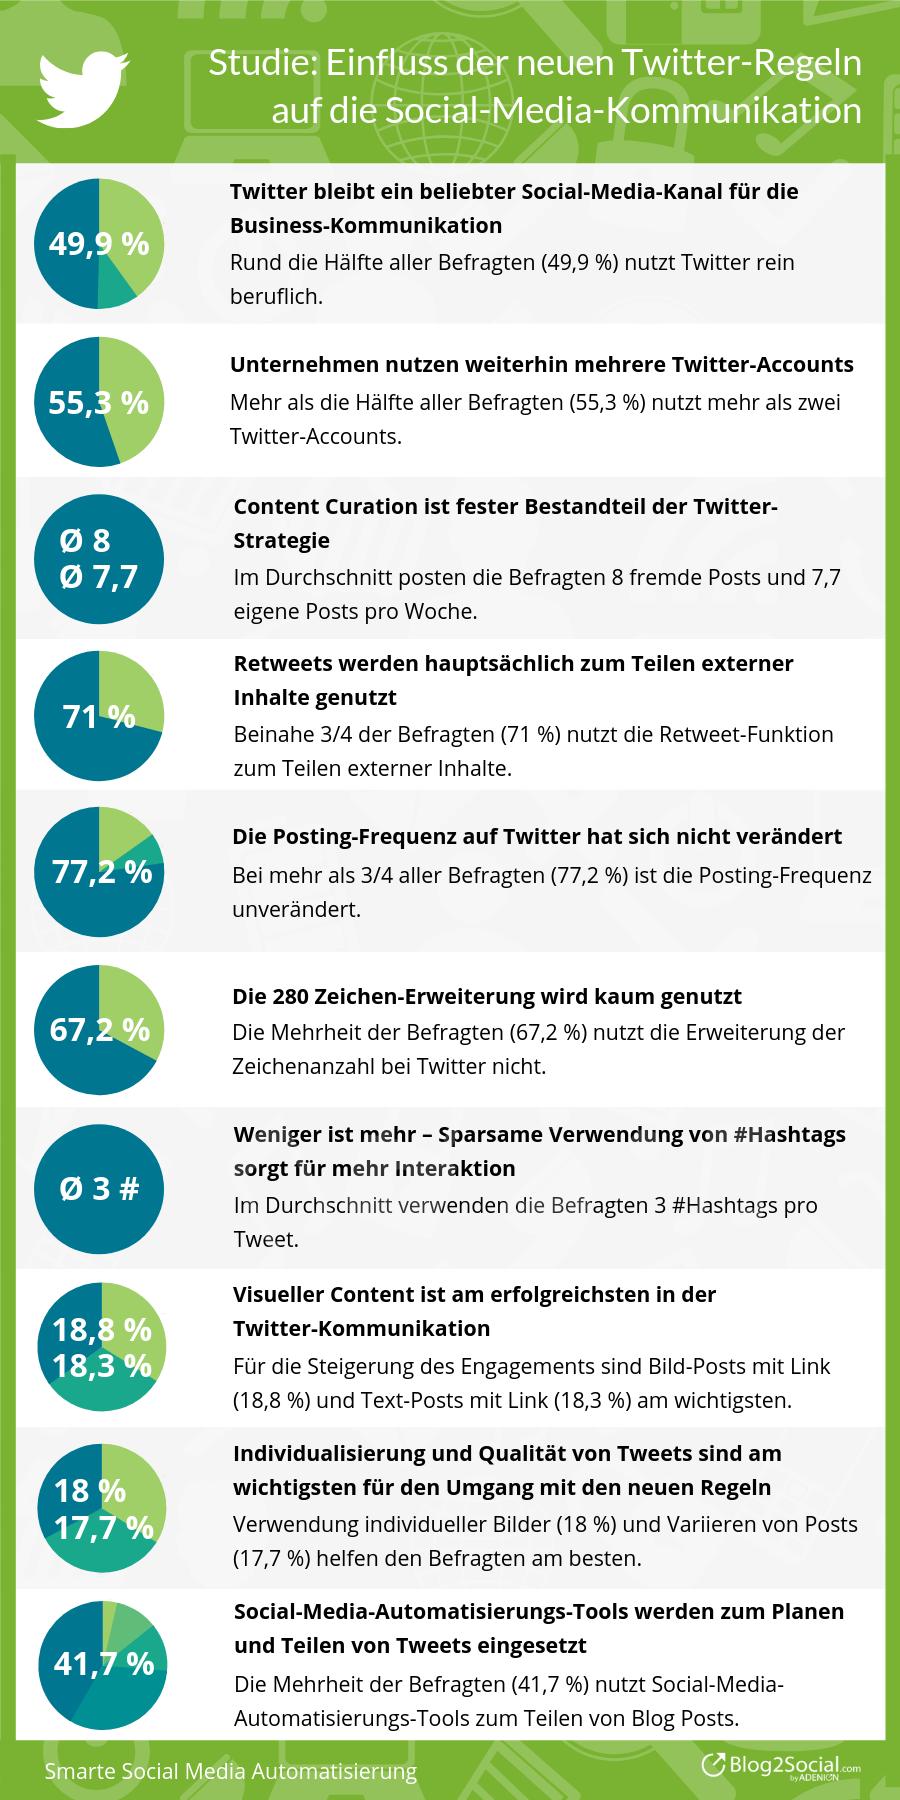 Einfluss der neuen Twitter-Regeln auf die Social-Media-Kommunikation